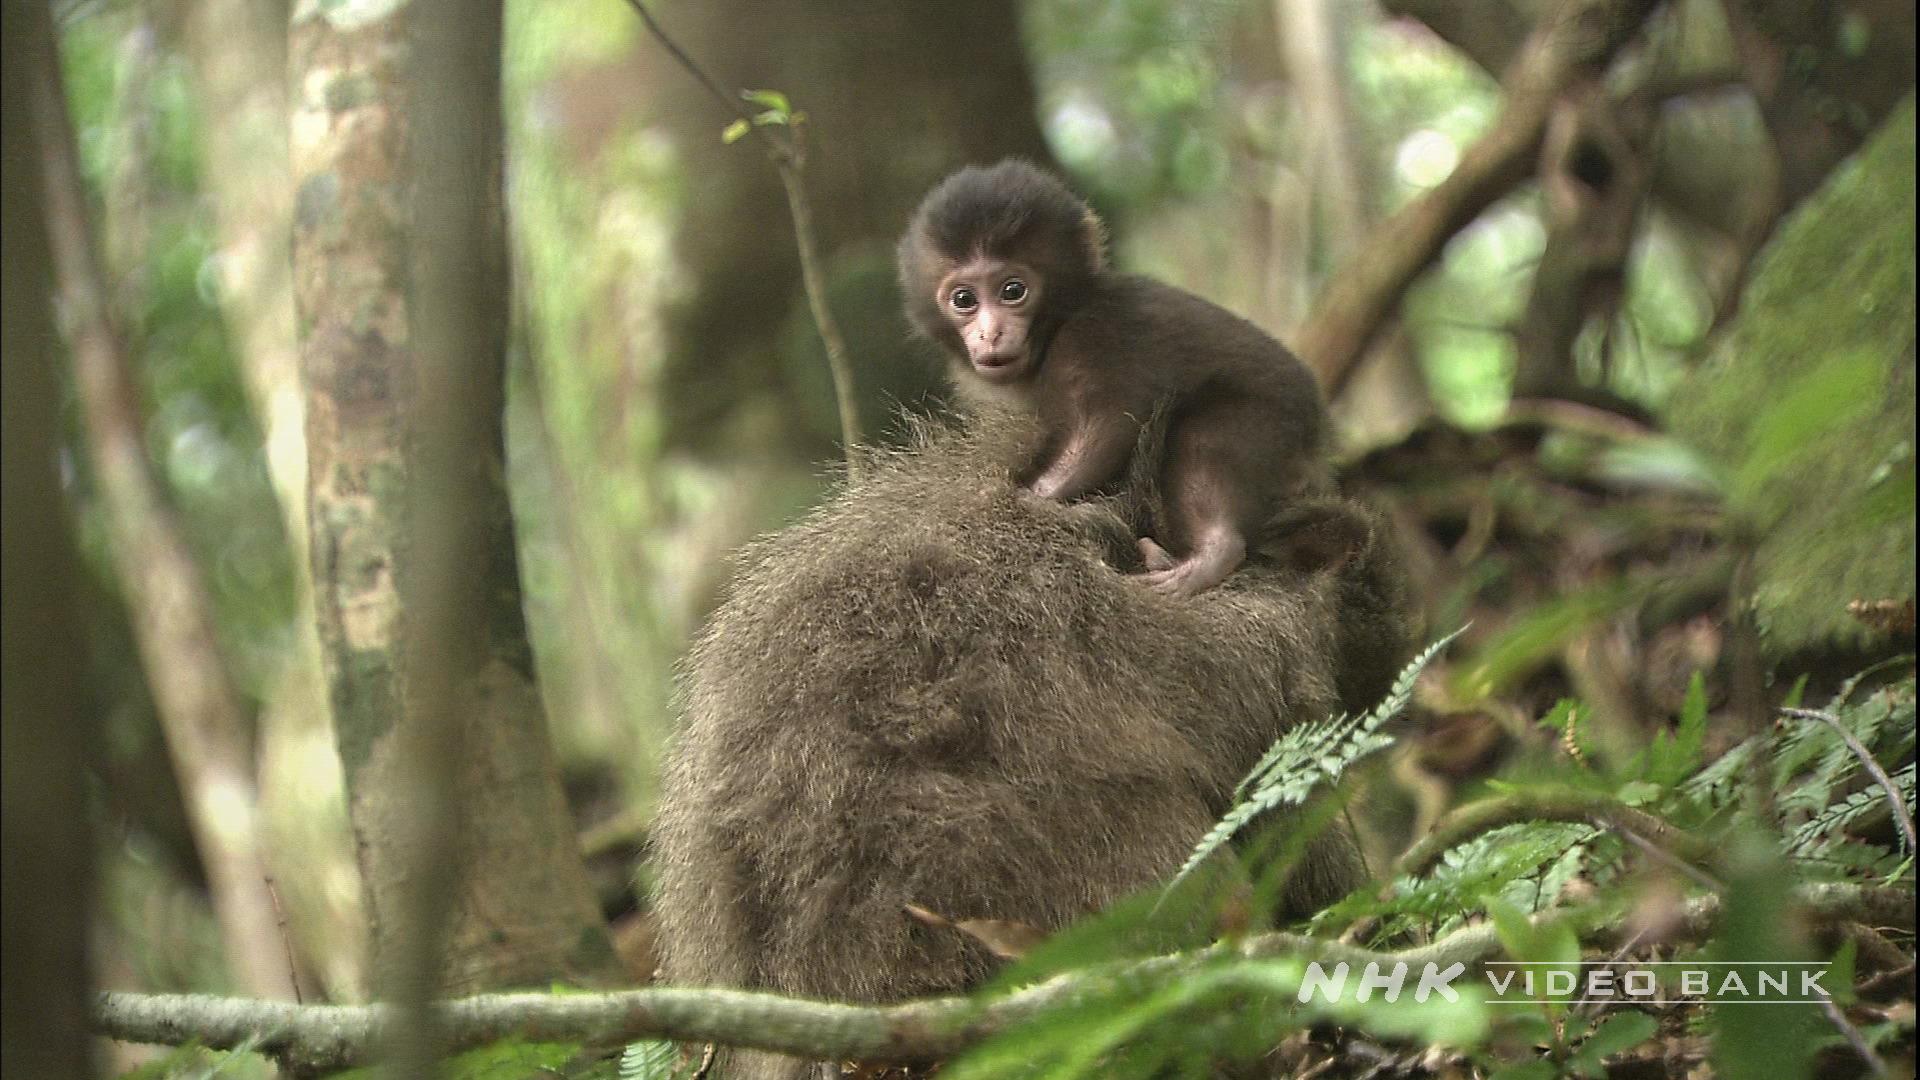 UNESCO World Heritage: Wildlife, Yakushima island